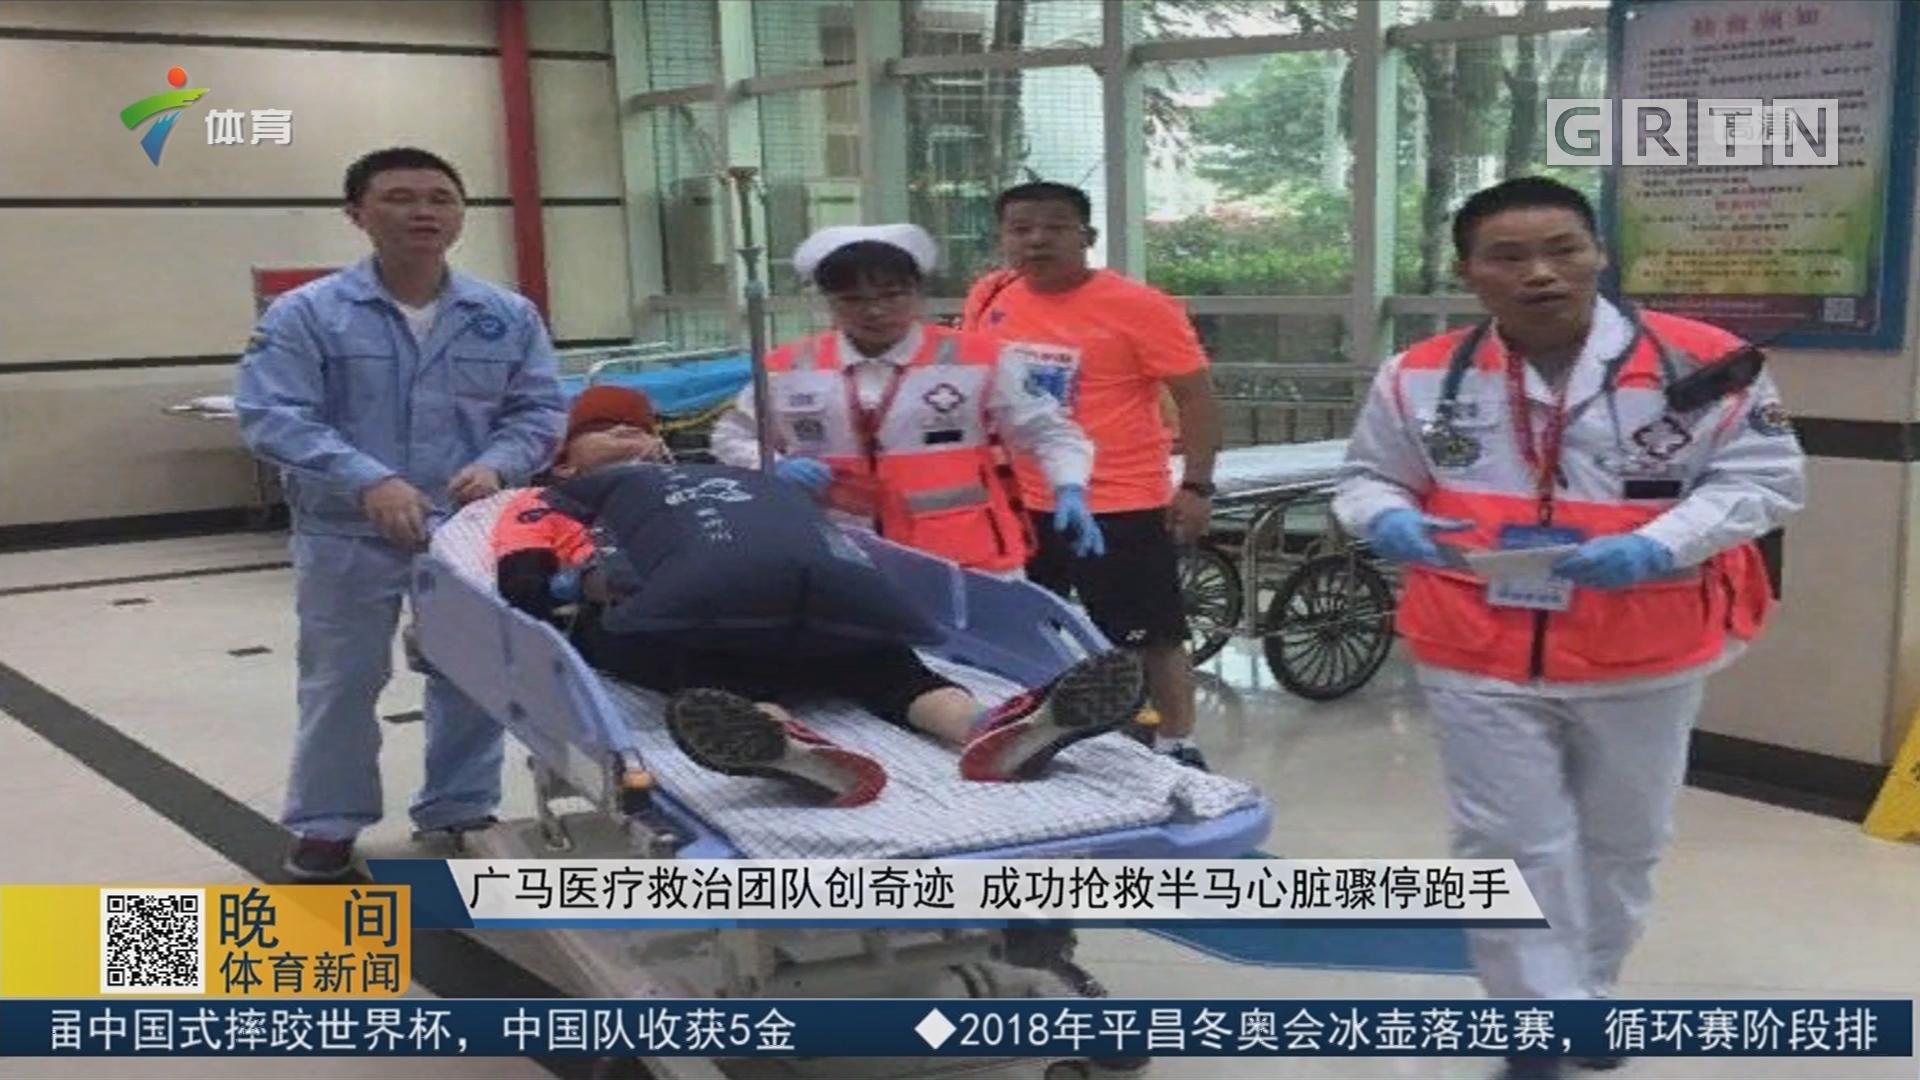 广马医疗救治团队创奇迹 成功抢救半马心脏骤停跑手